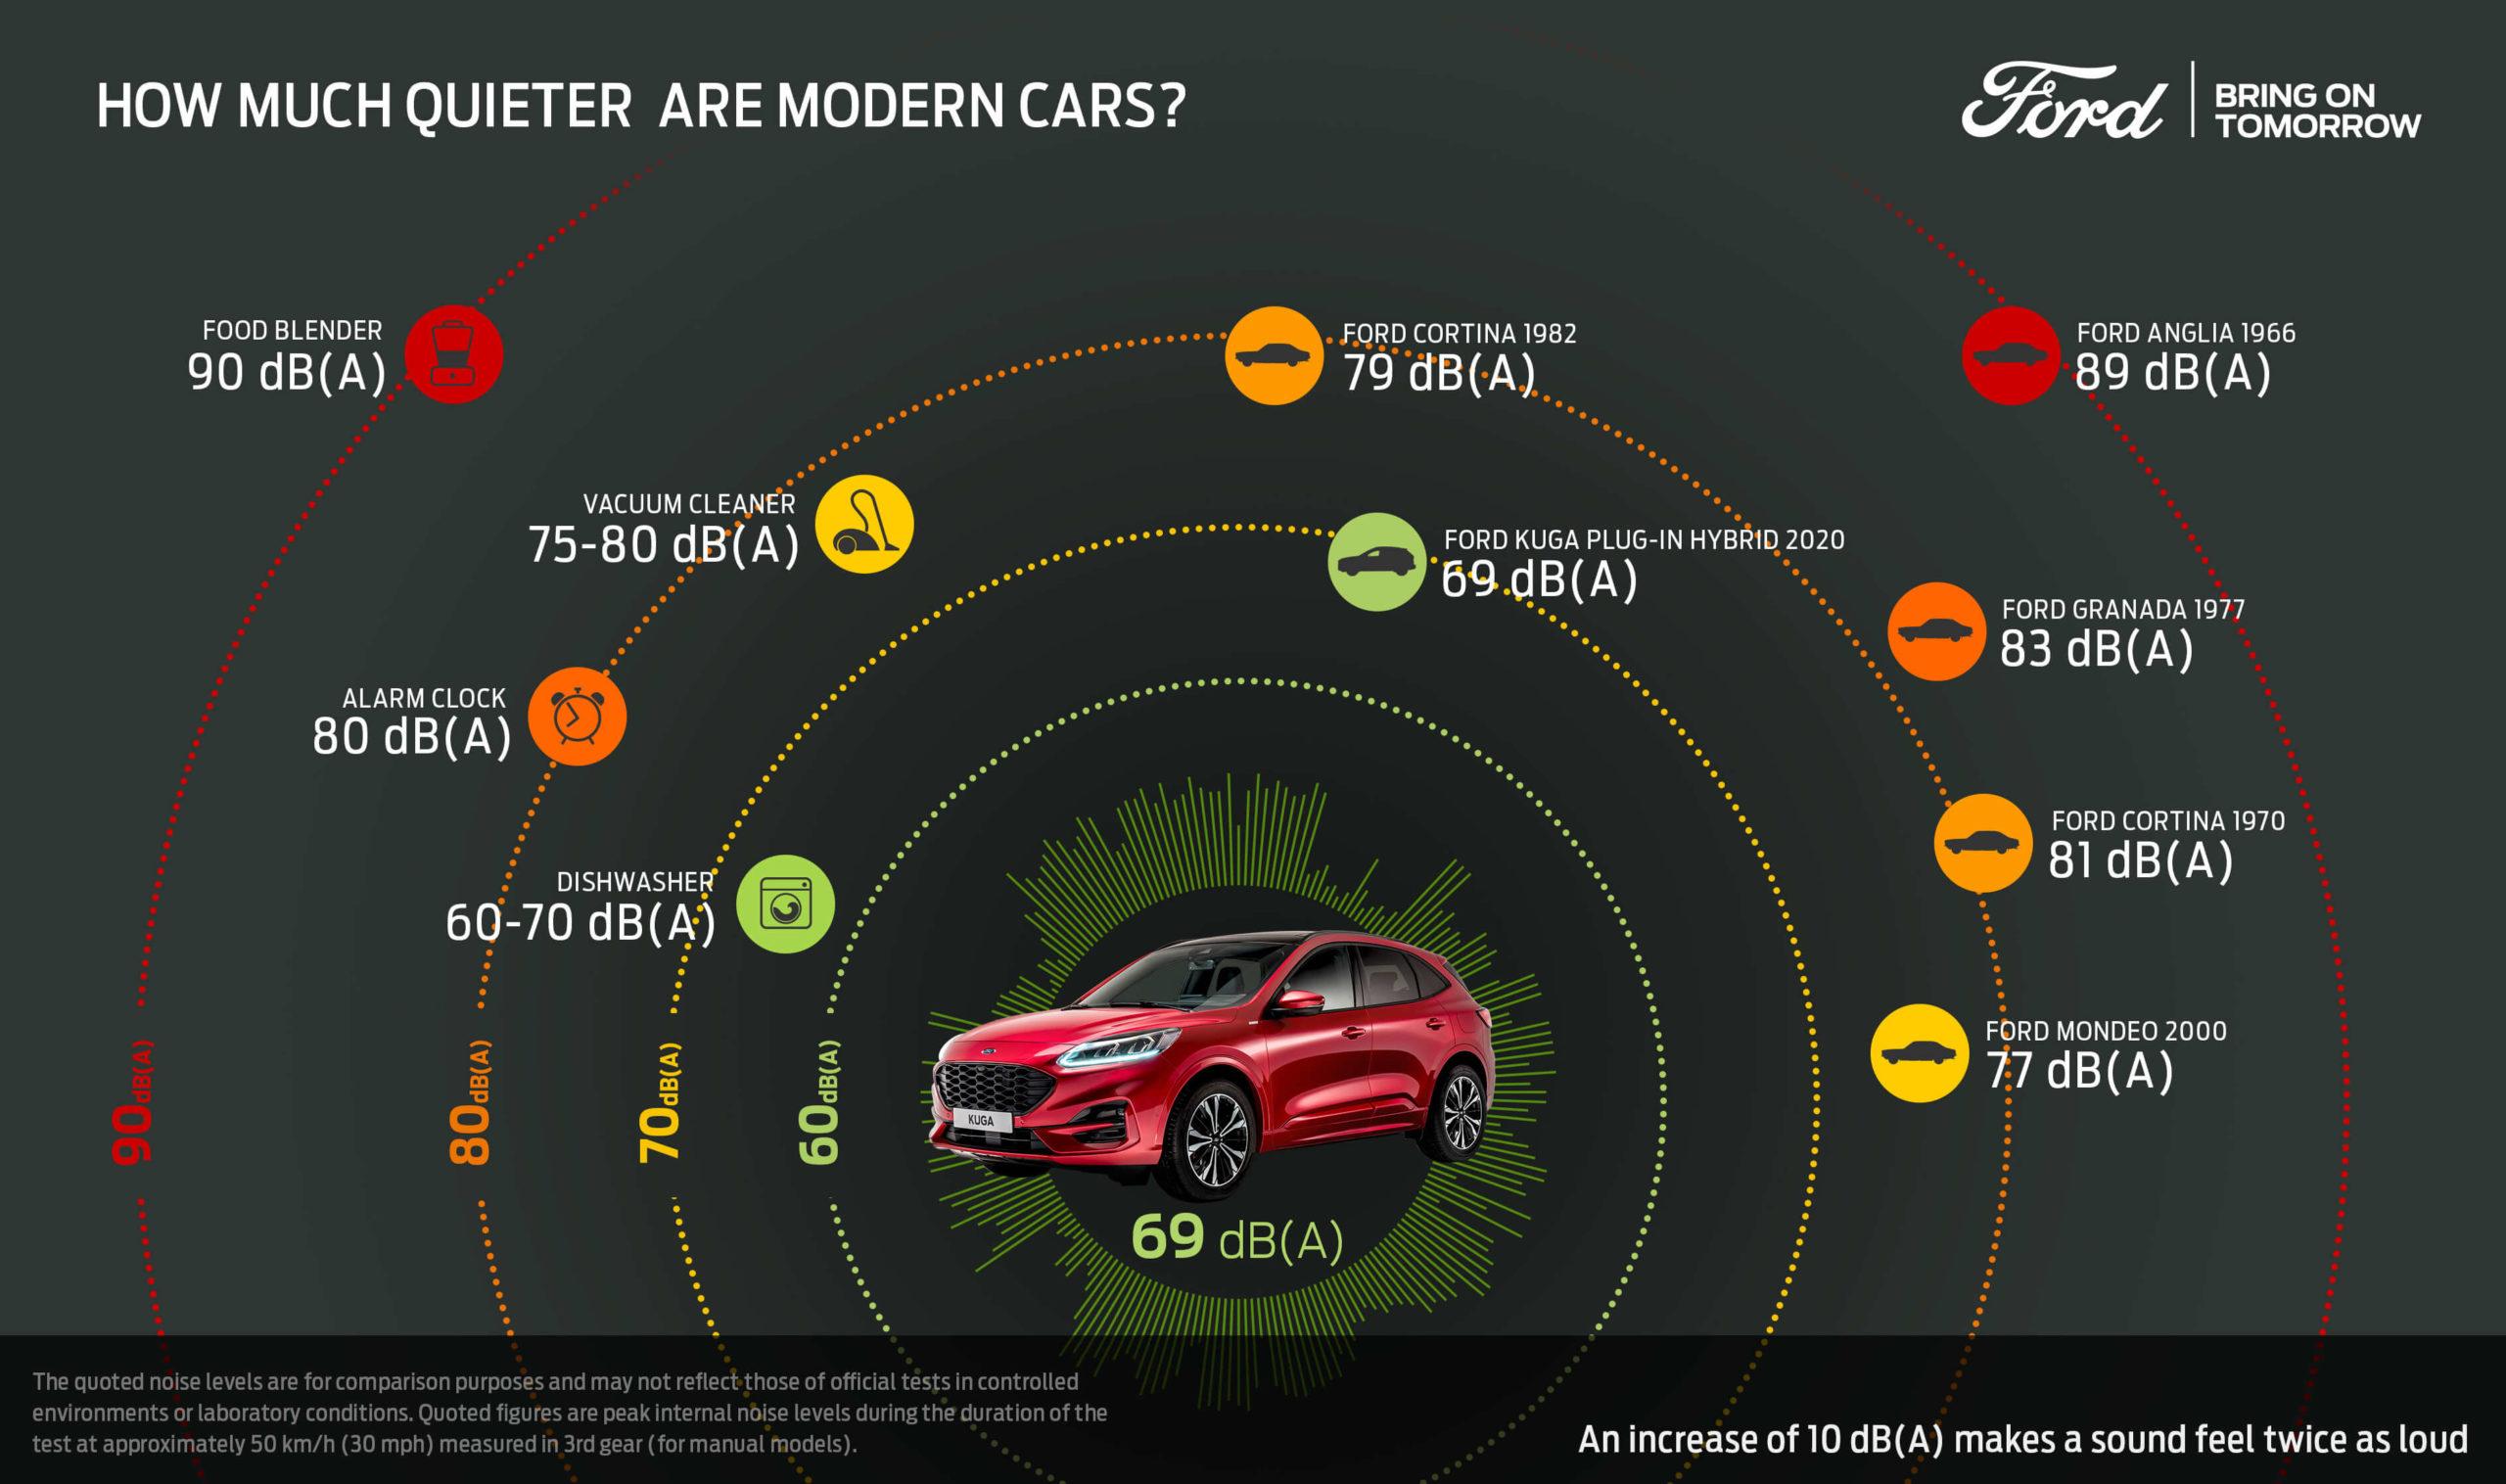 Ford Kuga PHEV infografia — carros estão mais silenciosos